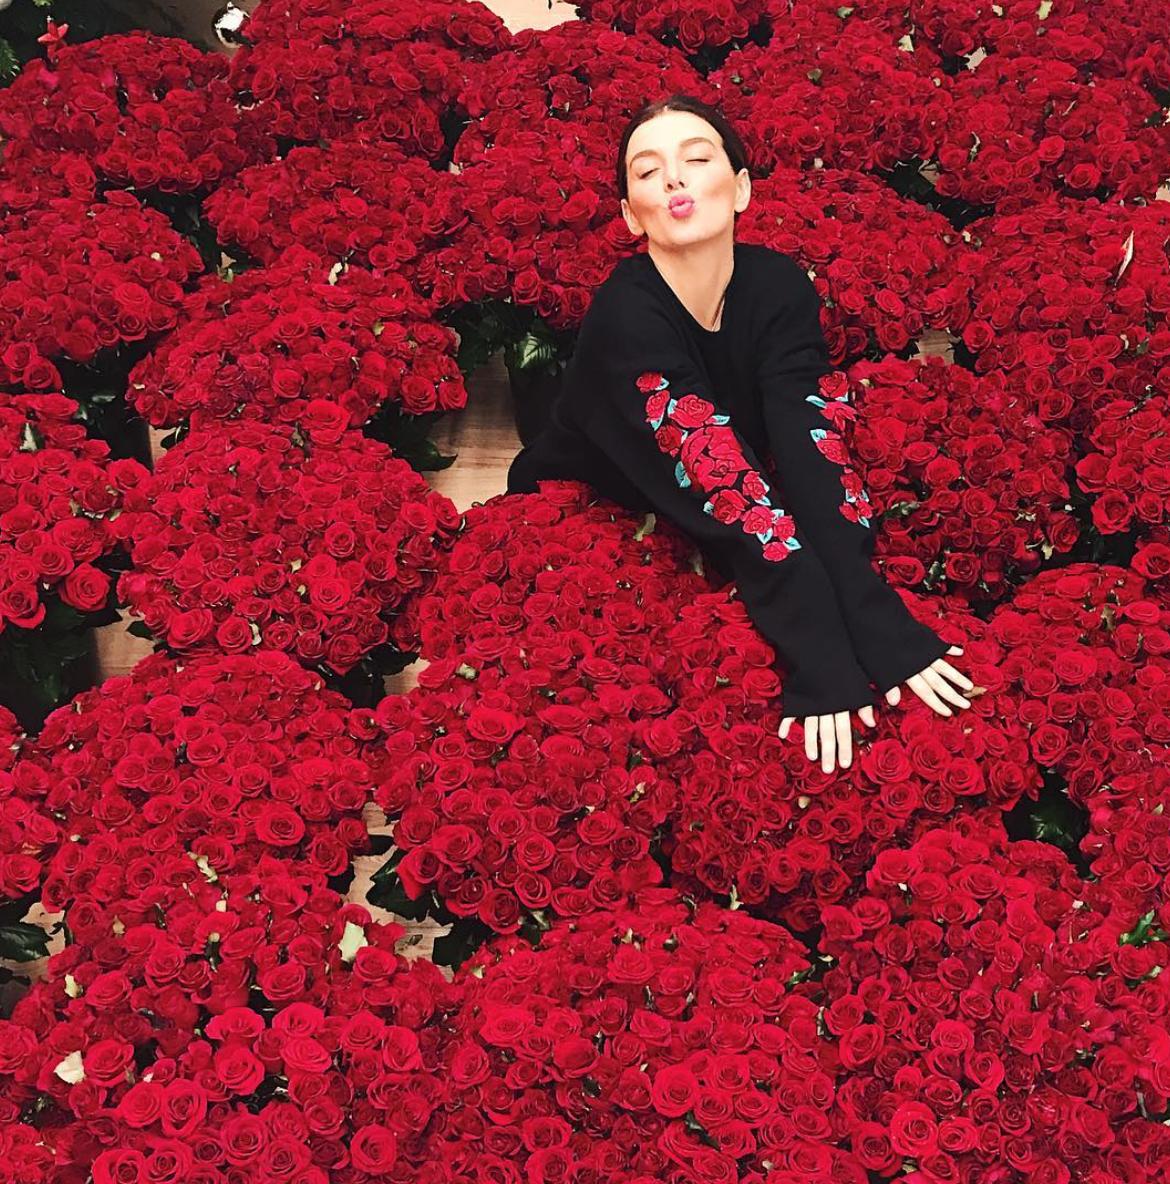 Анна Седокова похвасталась множеством роз